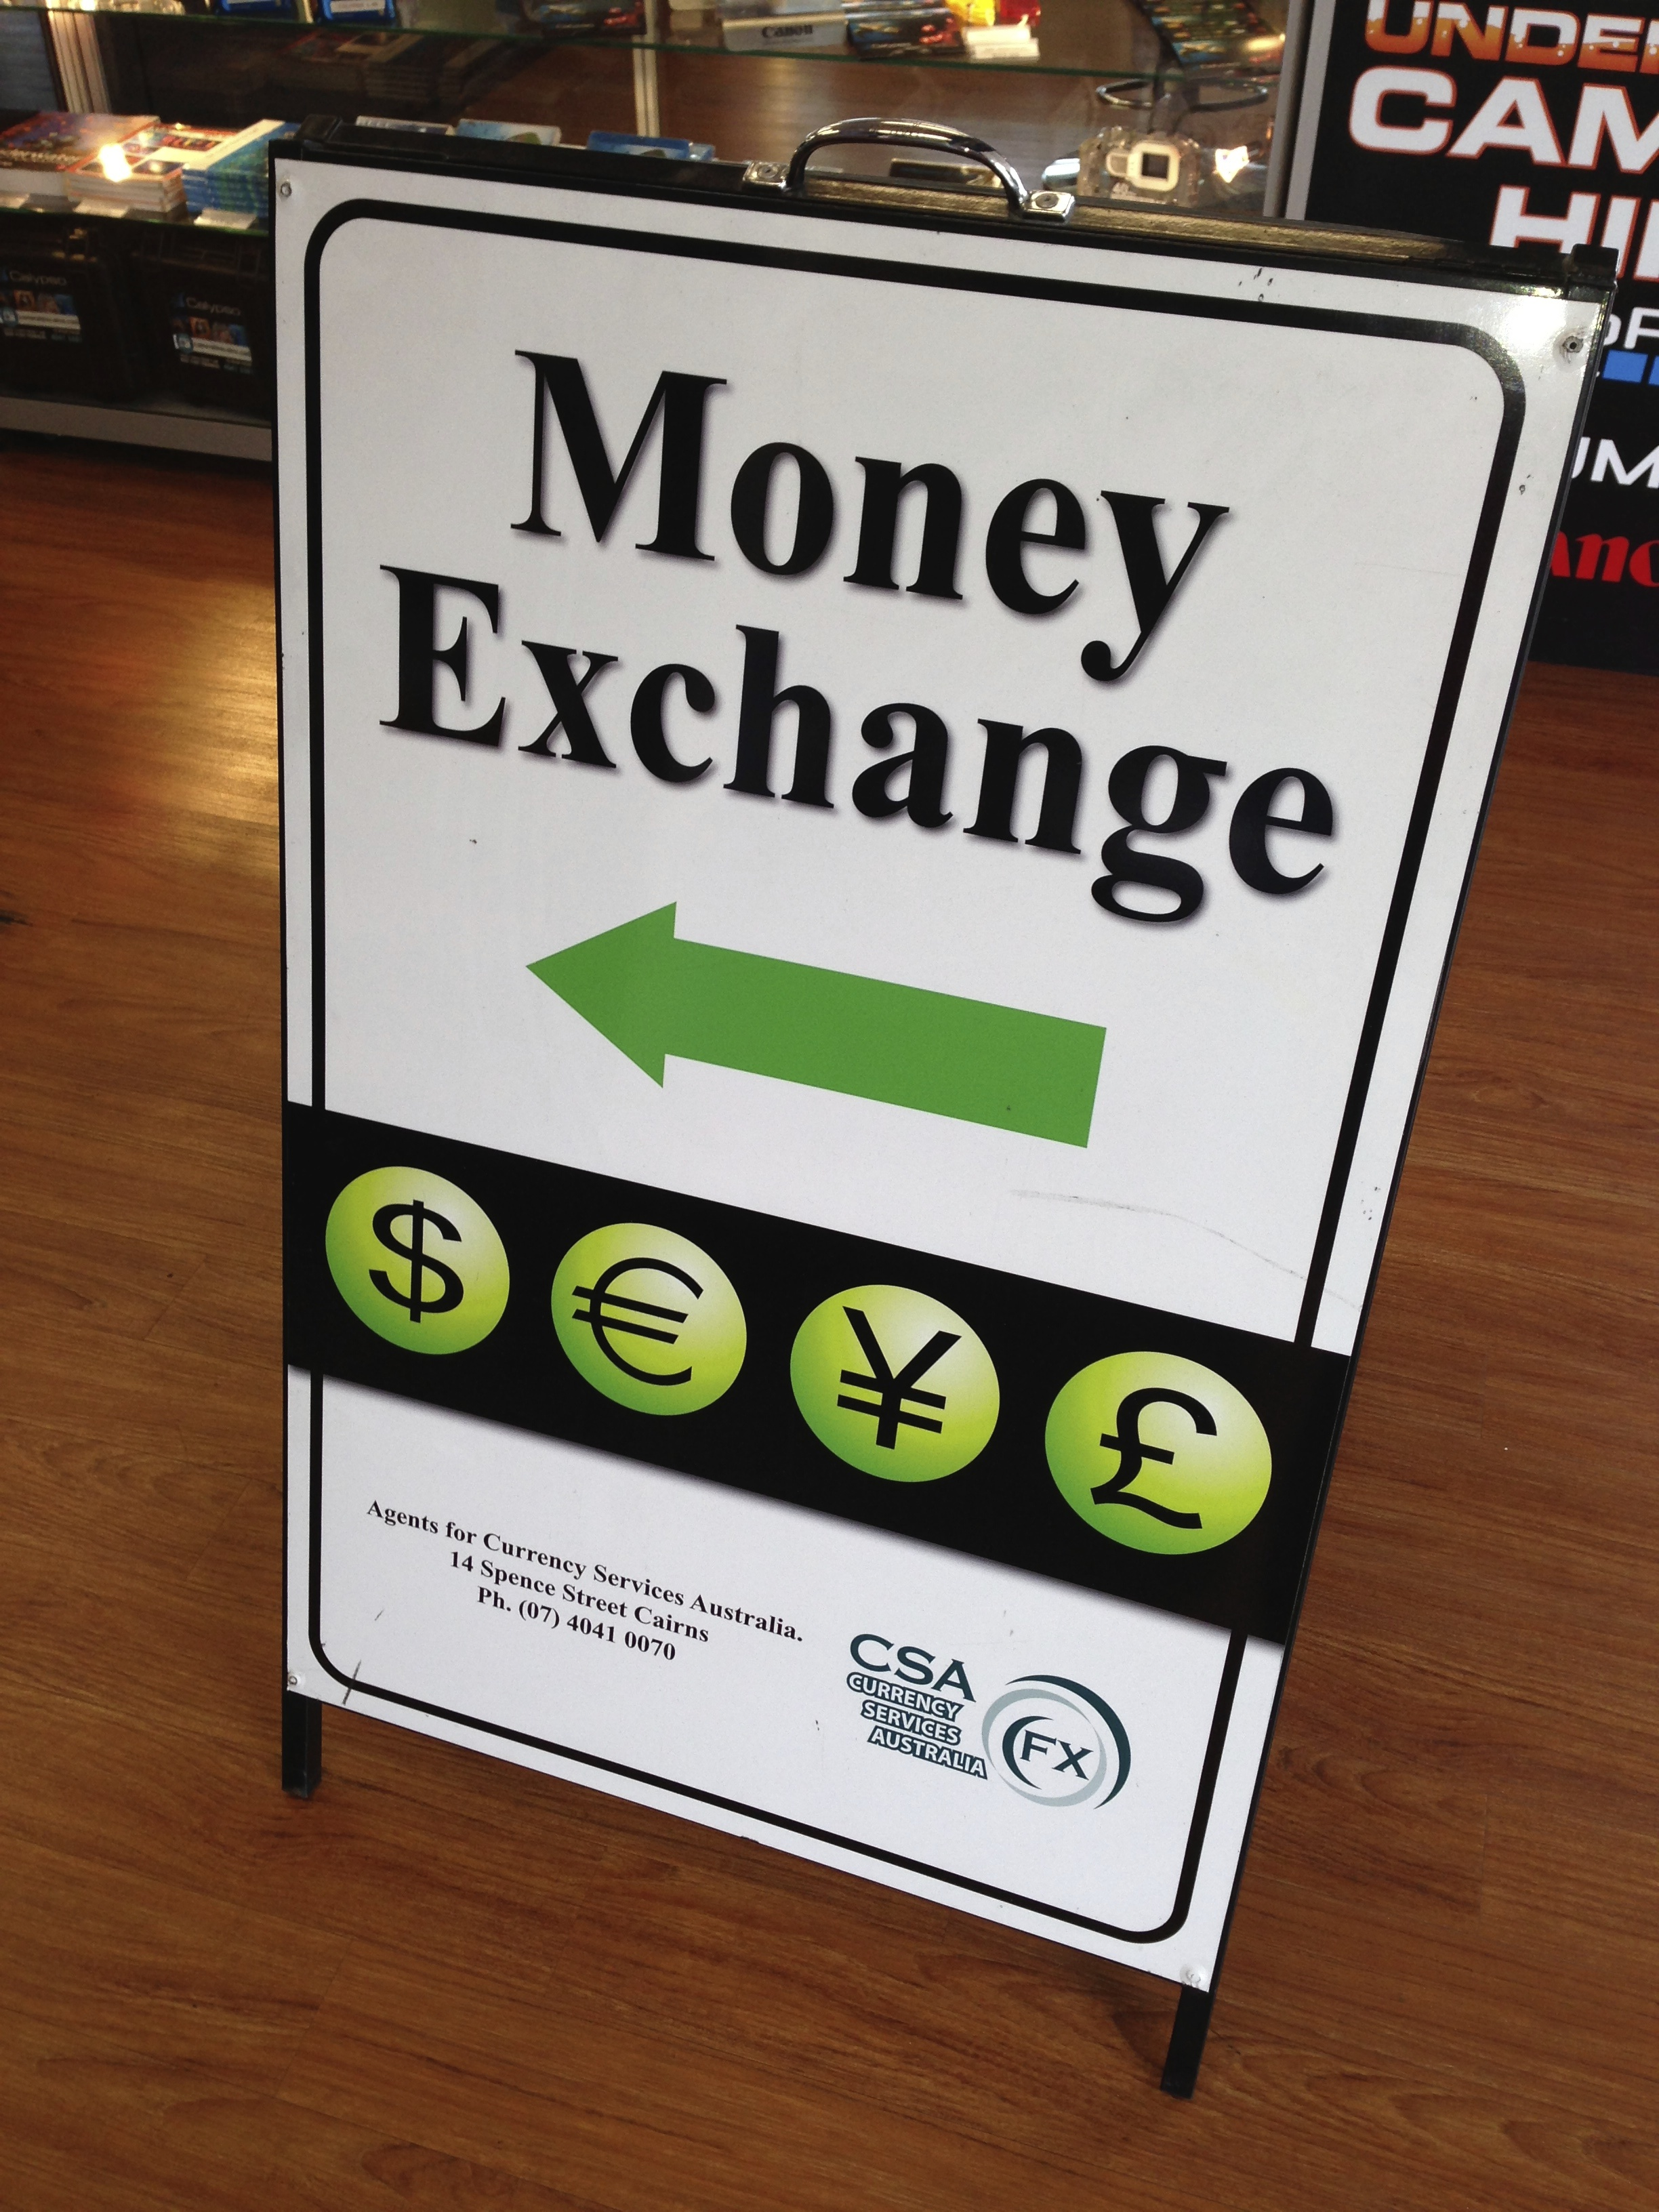 Consejos para cambiar moneda en australia experience for Oficinas de cambio de moneda en barcelona